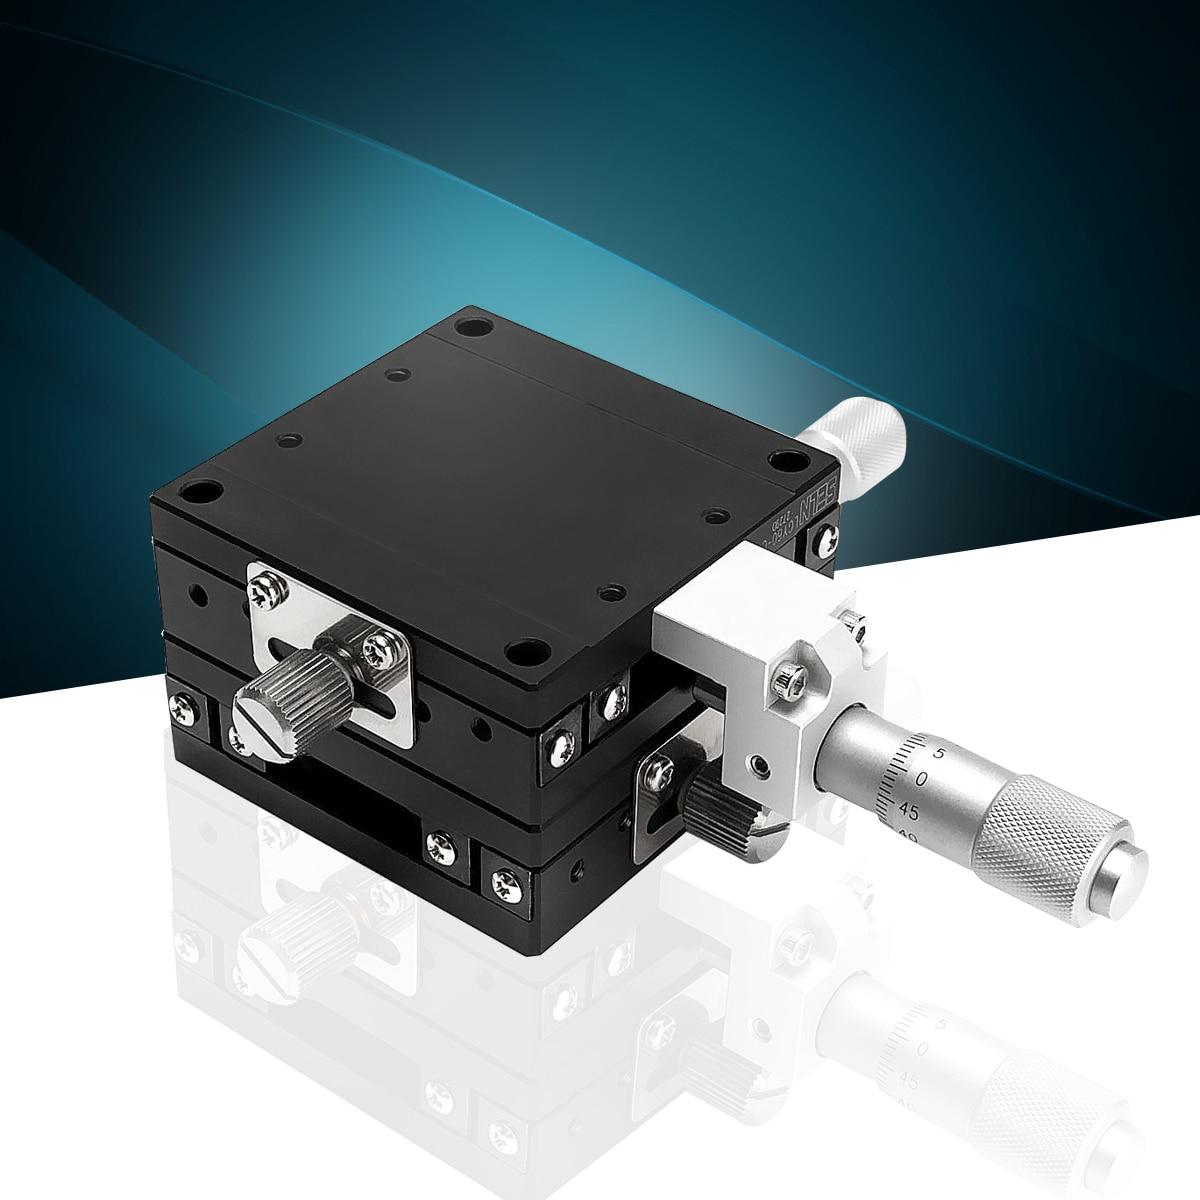 Новый LGY60-C 60 мм x 60 мм xy-оси этап Линейный Бал бары точность ручной смещение платформы ручной инструмент